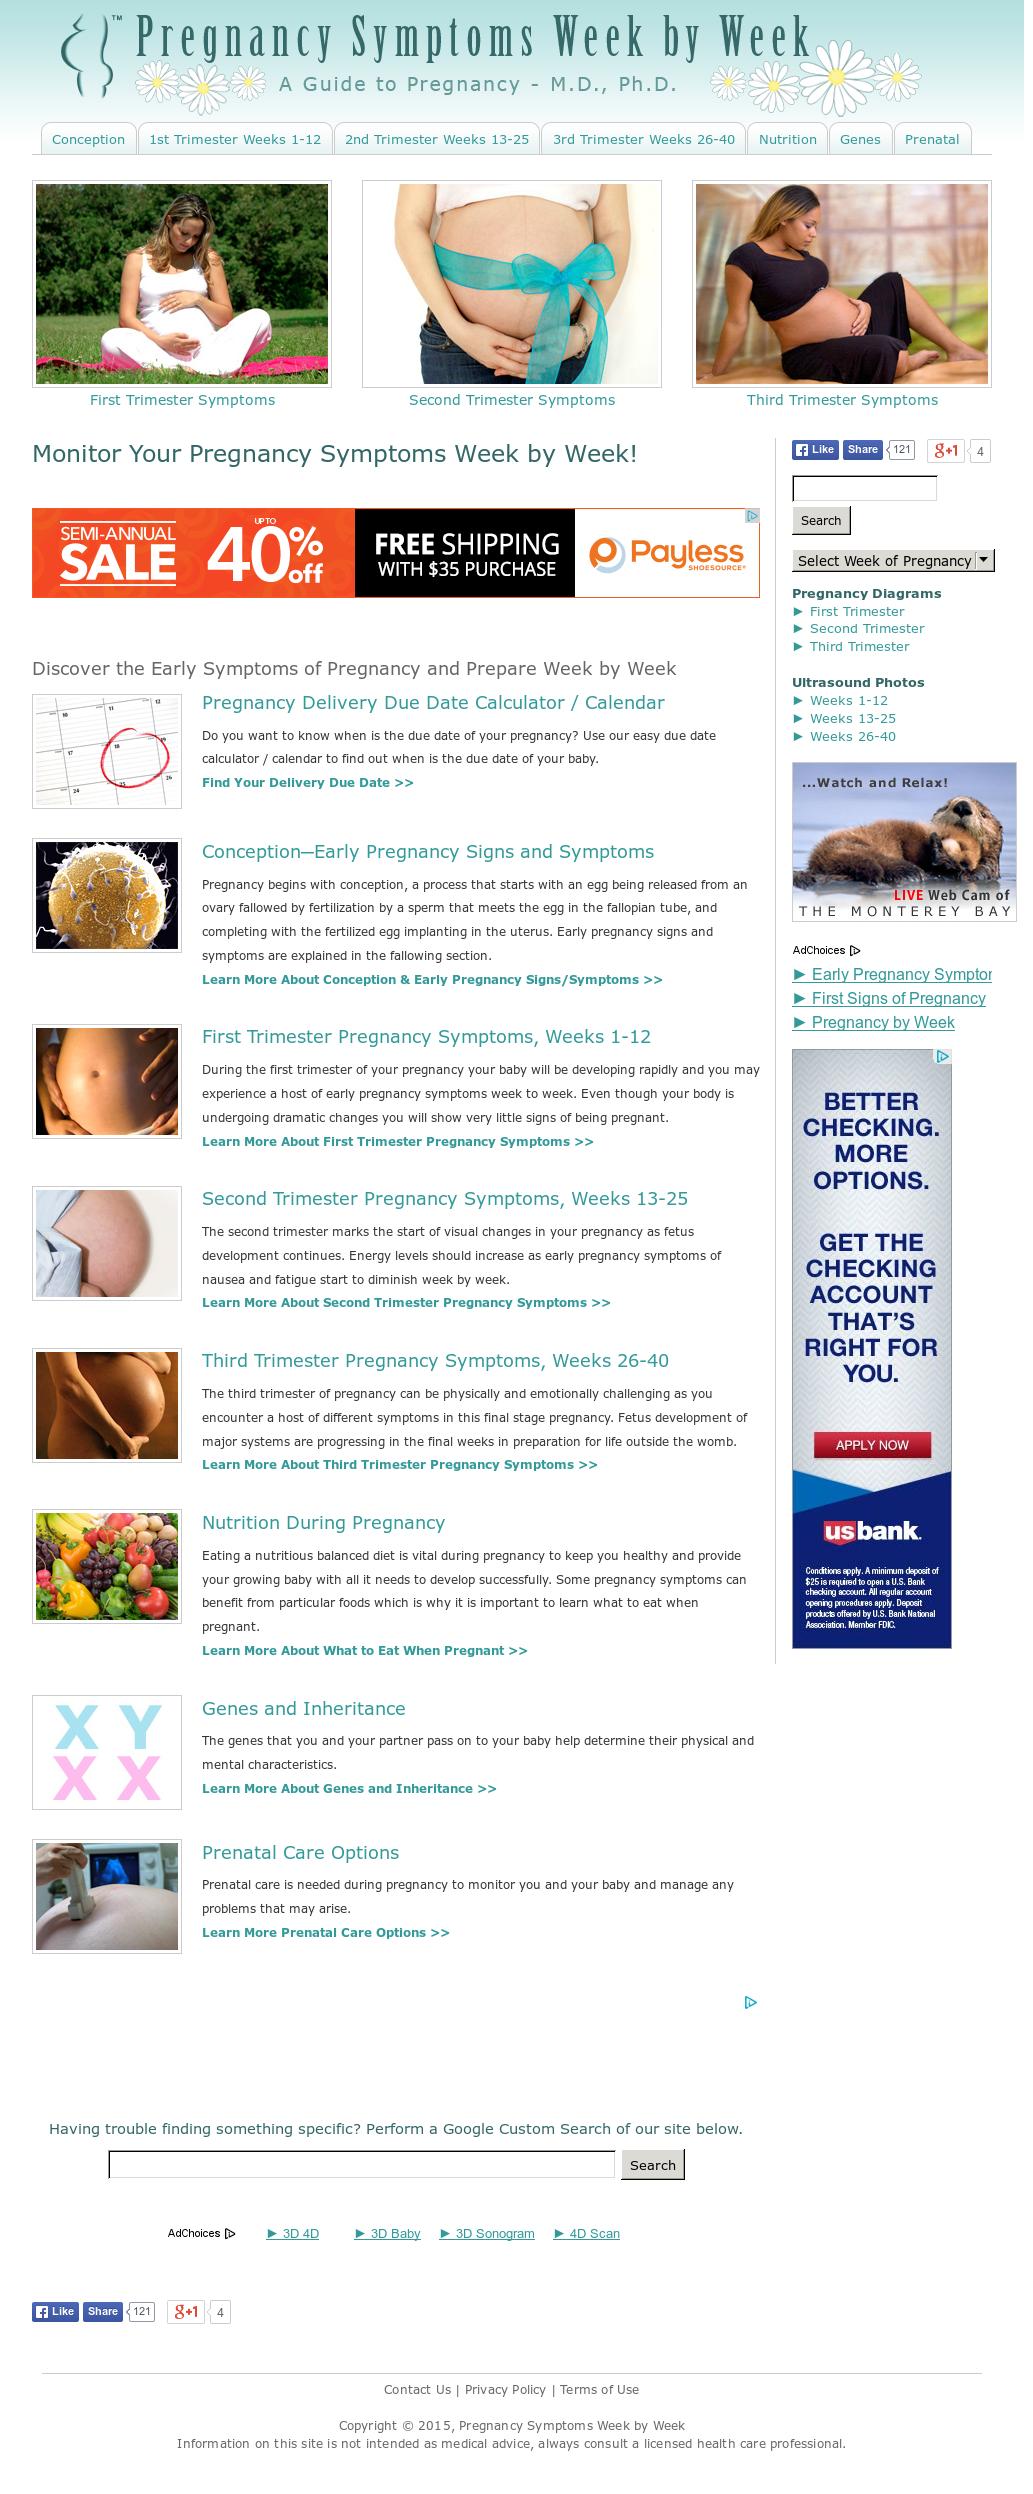 Pregnancy Symptoms Week By Week Competitors, Revenue and